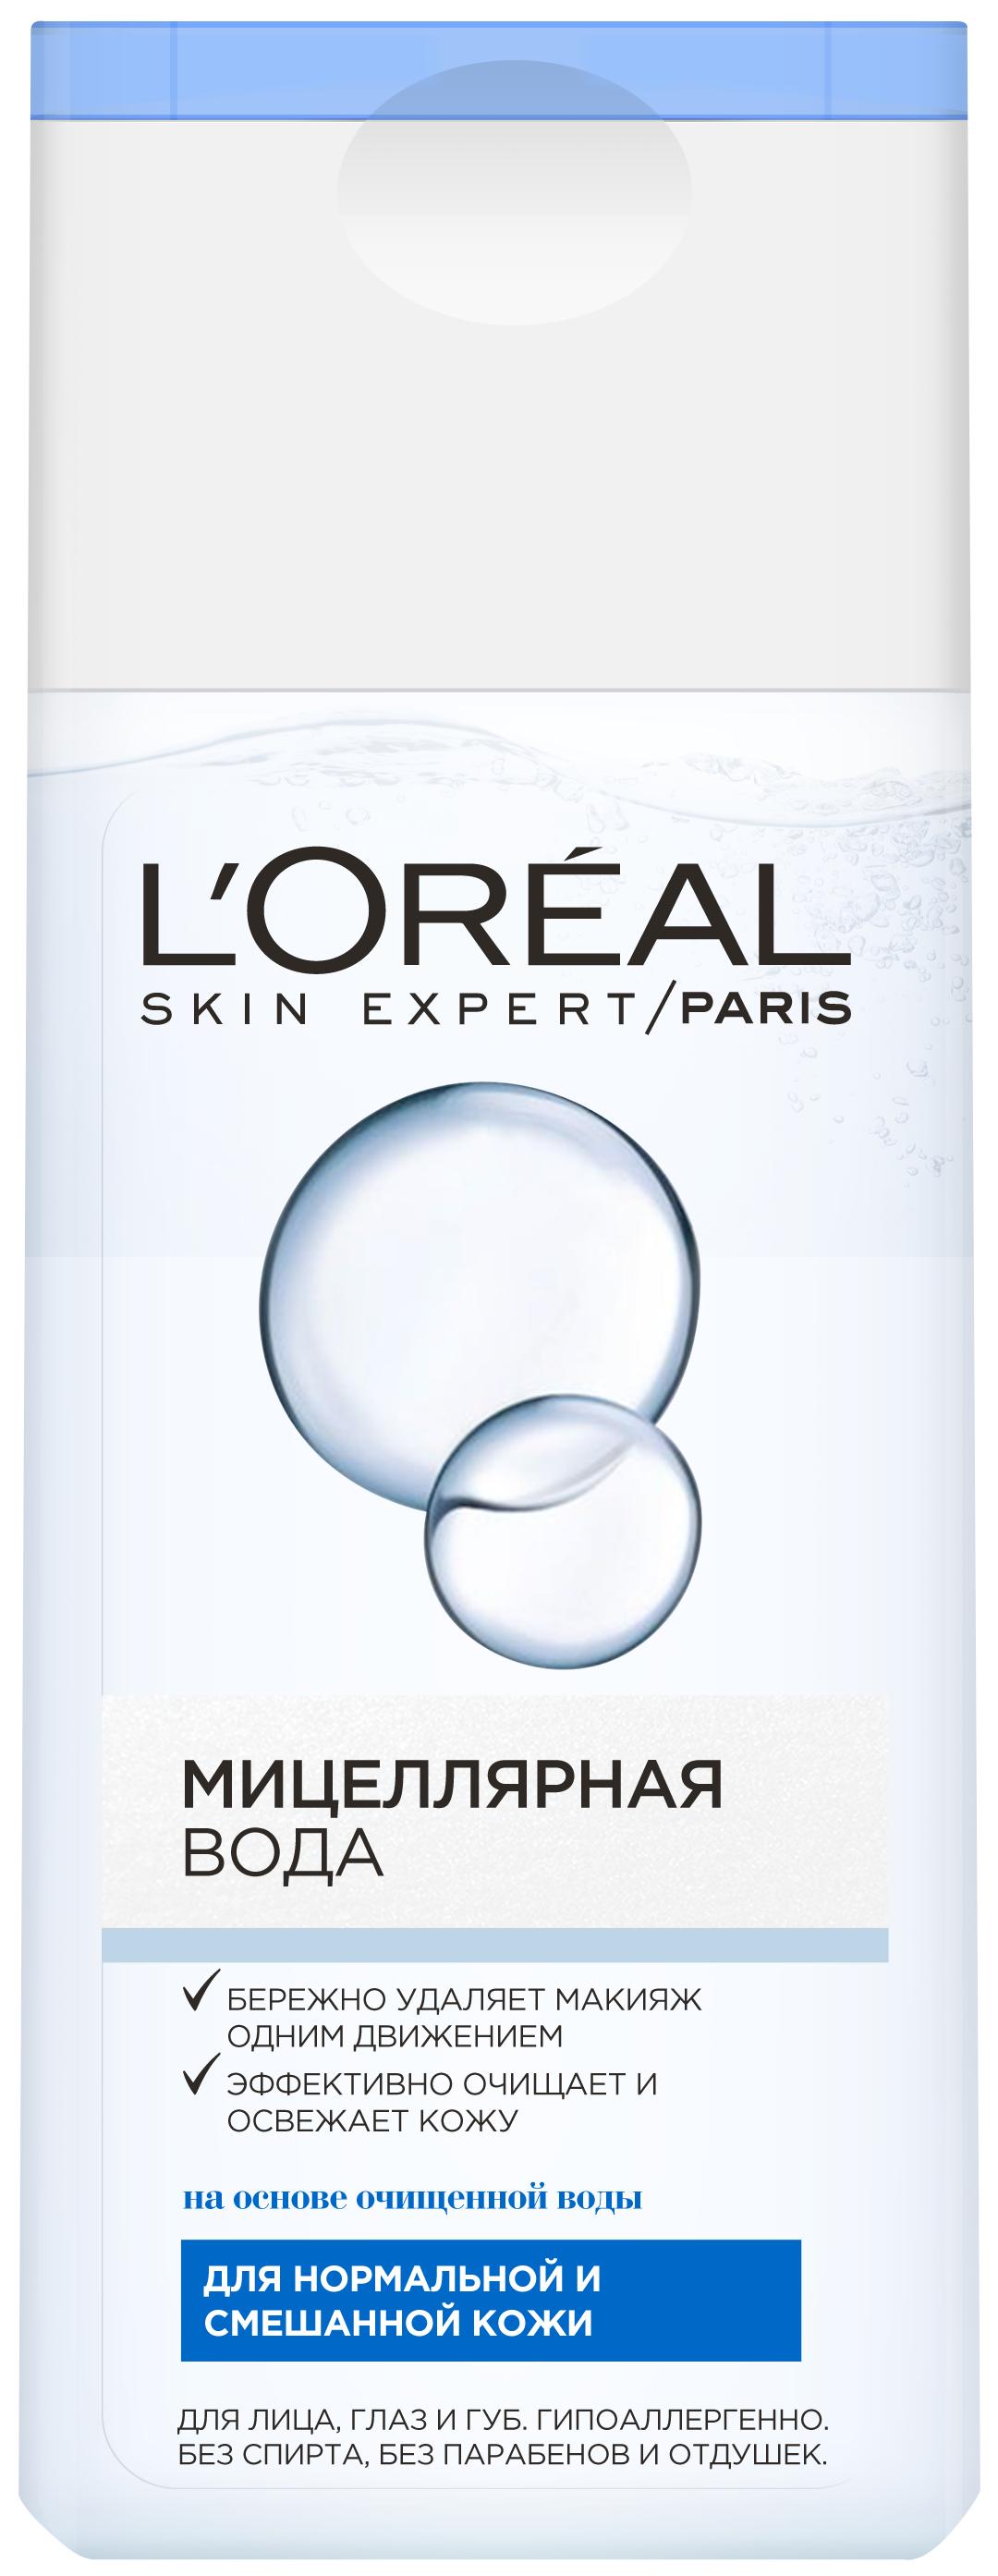 Вода мицеллярная L\'oreal для нормальной и смешанной кожи 200 мл